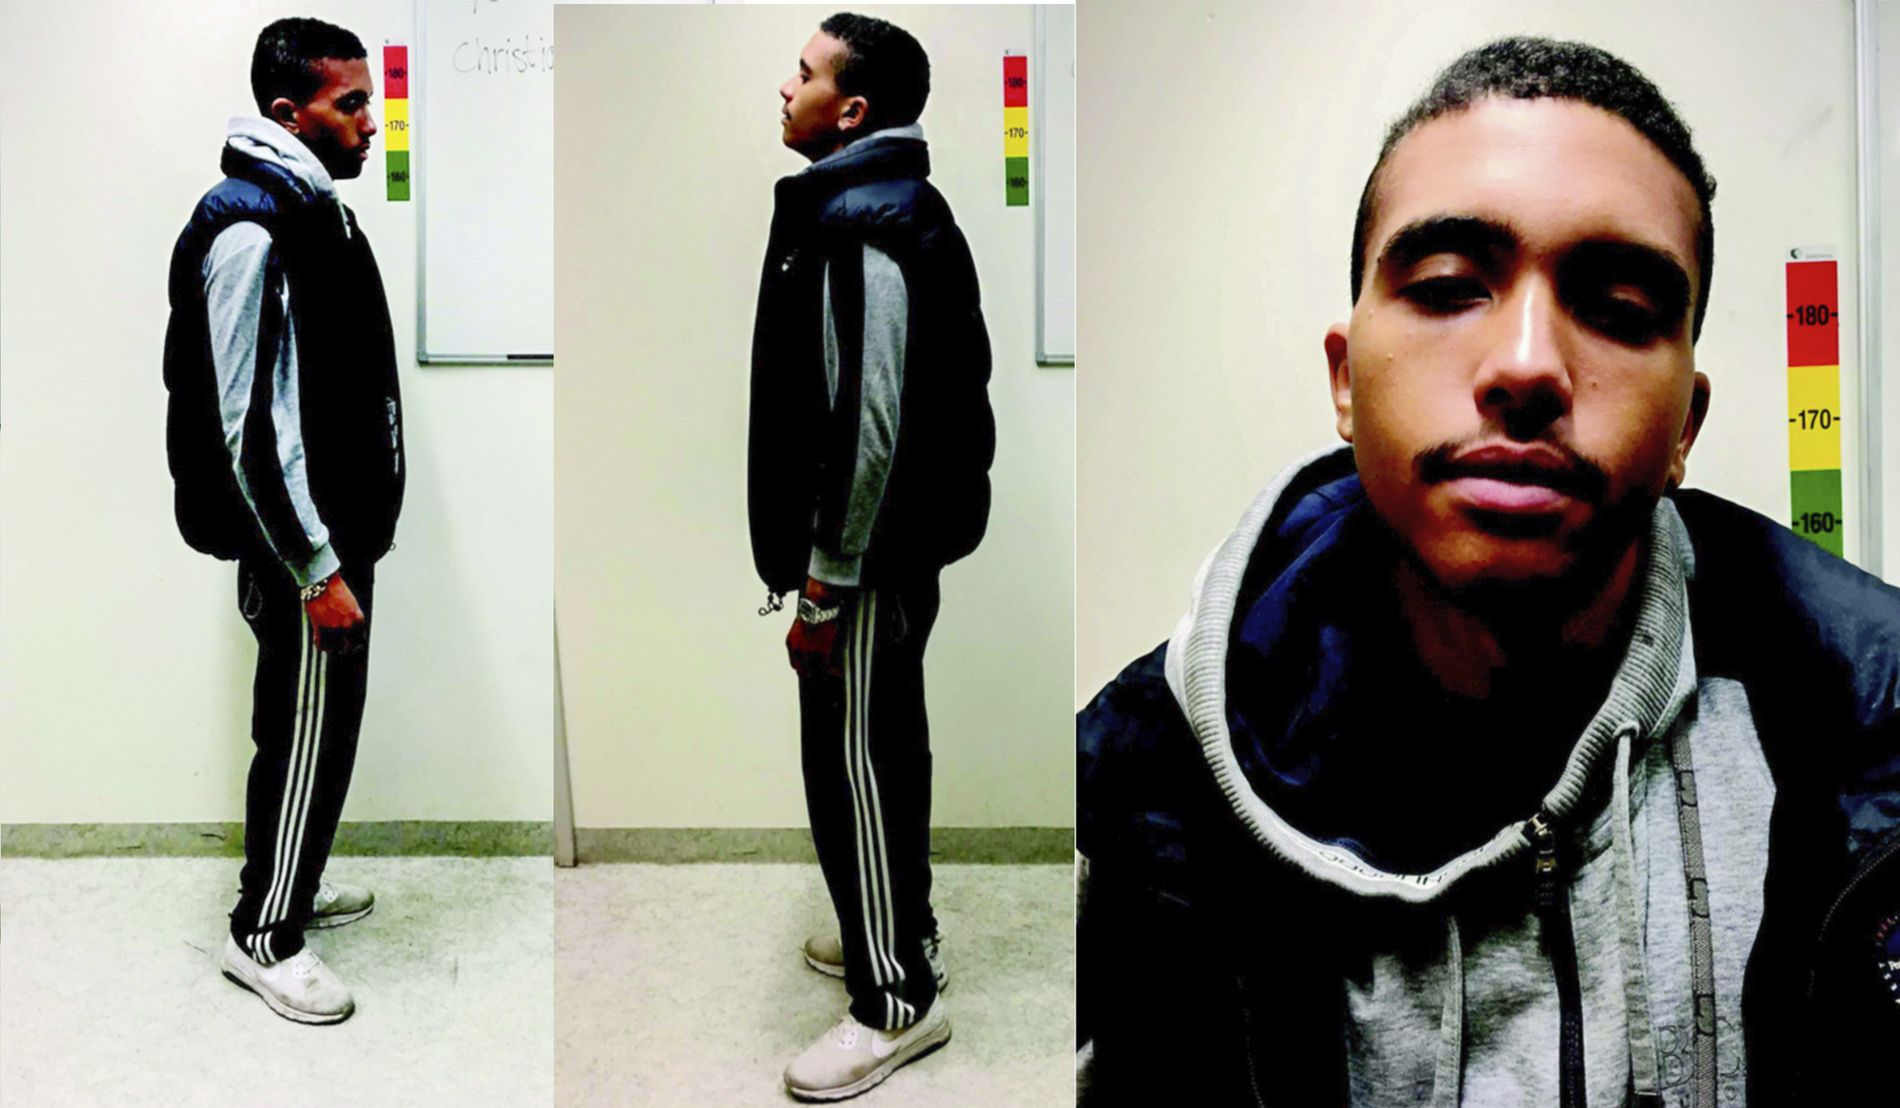 DRAPSETTERLYST: Makaveli Lindén er etterlyst for drapet på Heikki Bjørklund  Paltto (24). Han er fortsatt ikke pågrepet.